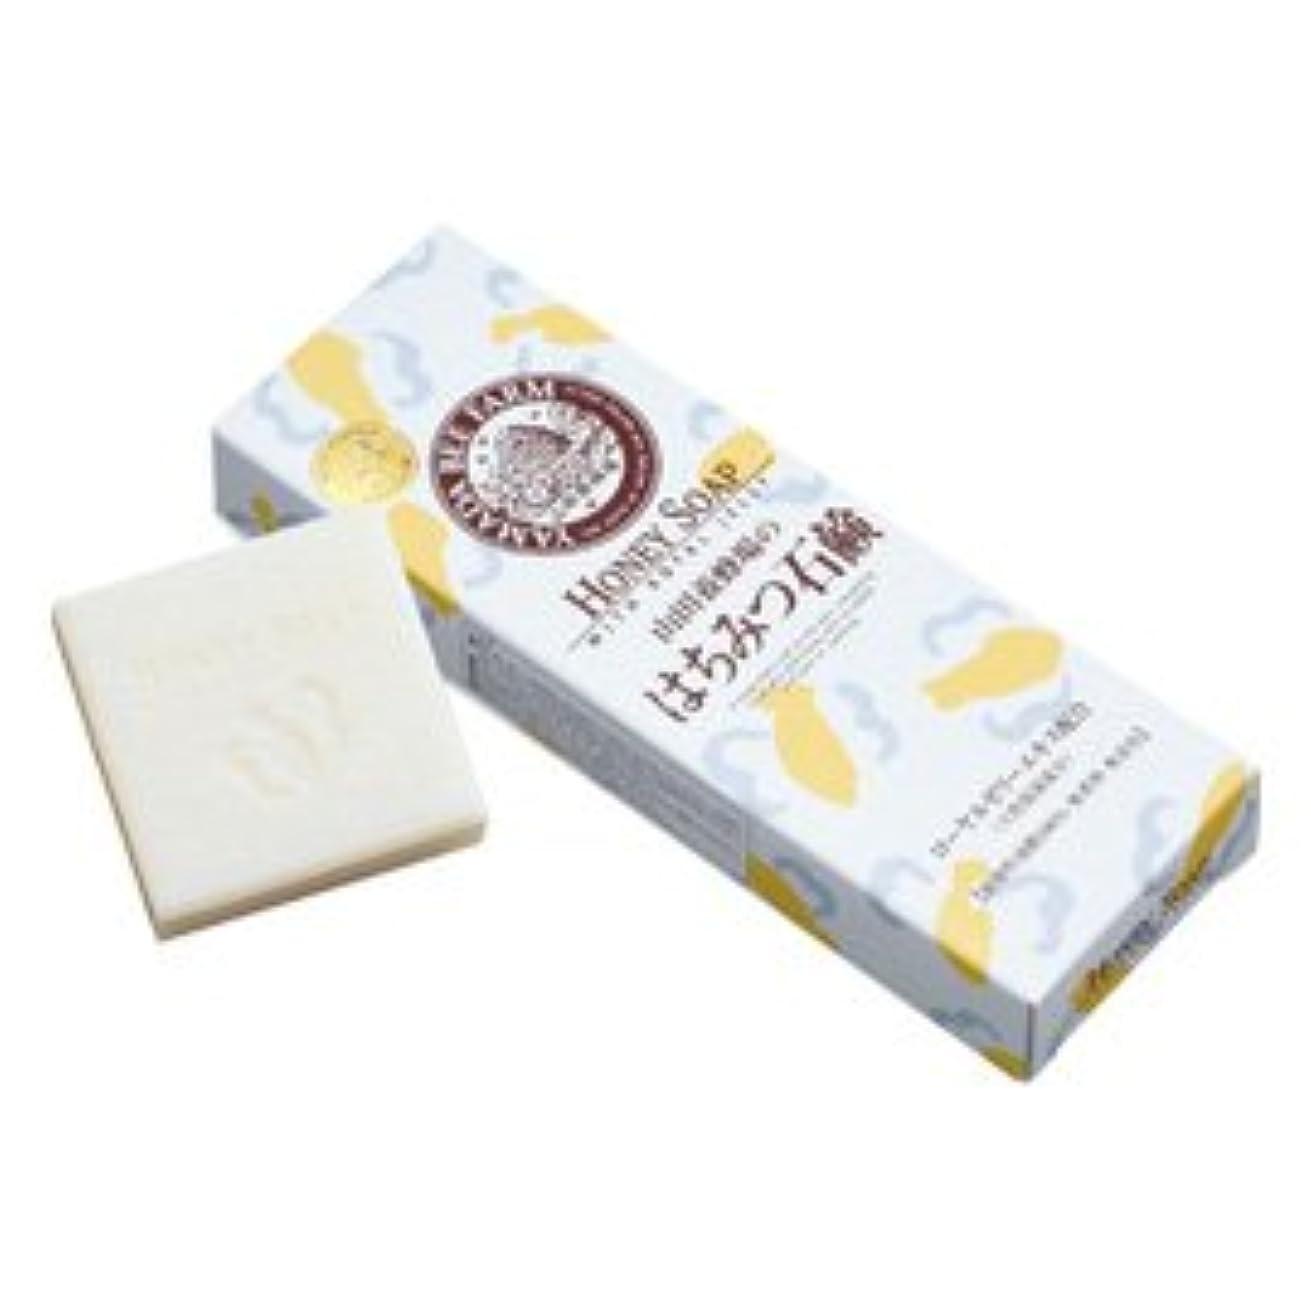 検出プロトタイプ階下はちみつ石鹸 60g×3個入/Honey Soap